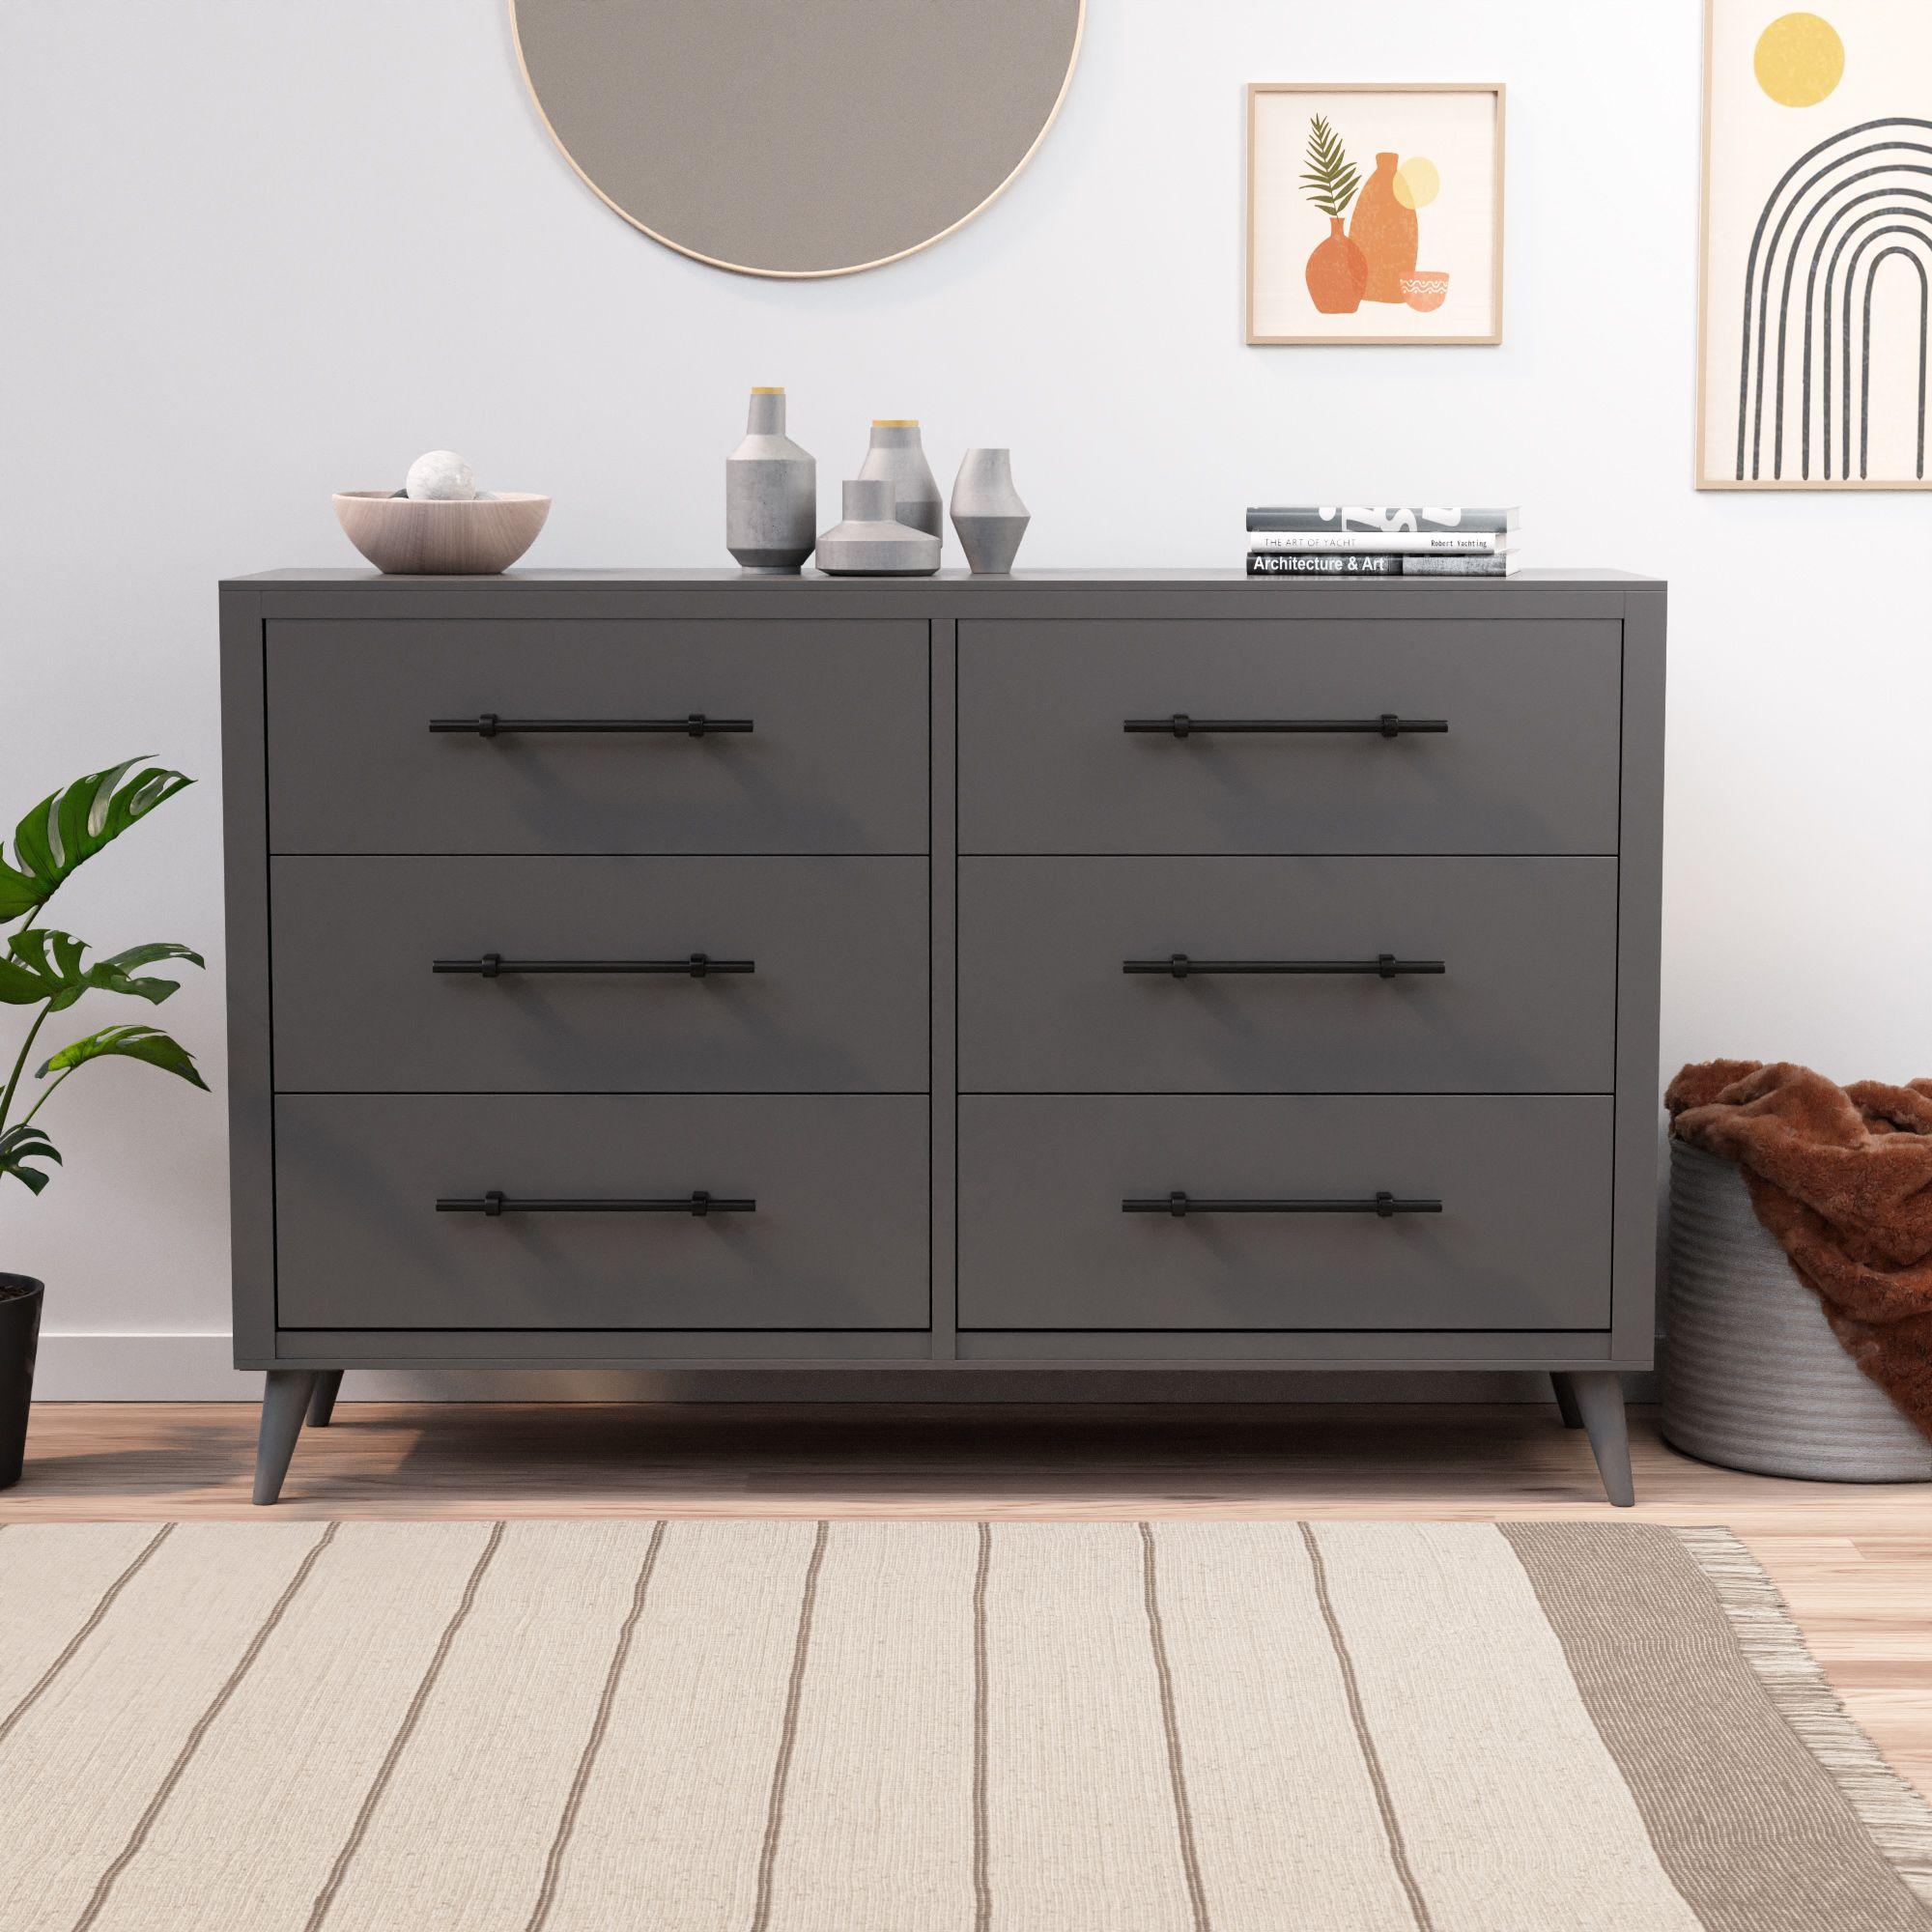 Rest Haven Laminate 6 Drawer Dresser Gray Walmart Com In 2021 Black Dresser Bedroom Dresser Drawers 6 Drawer Dresser [ 2000 x 2000 Pixel ]